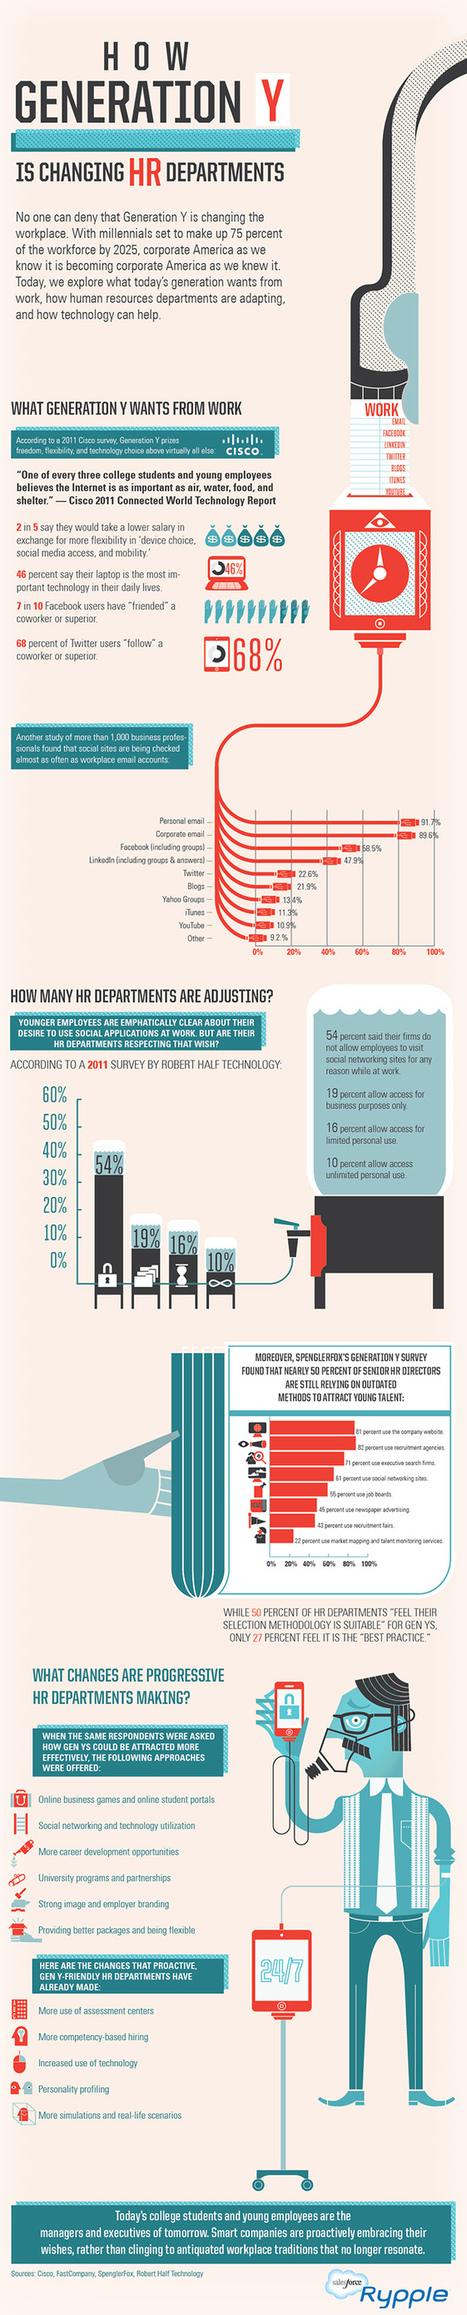 L'arrivée de la génération Y a-t-elle changé les RH ? | Cgt L'Oréal | Innovation collaborative et Agilité | Scoop.it